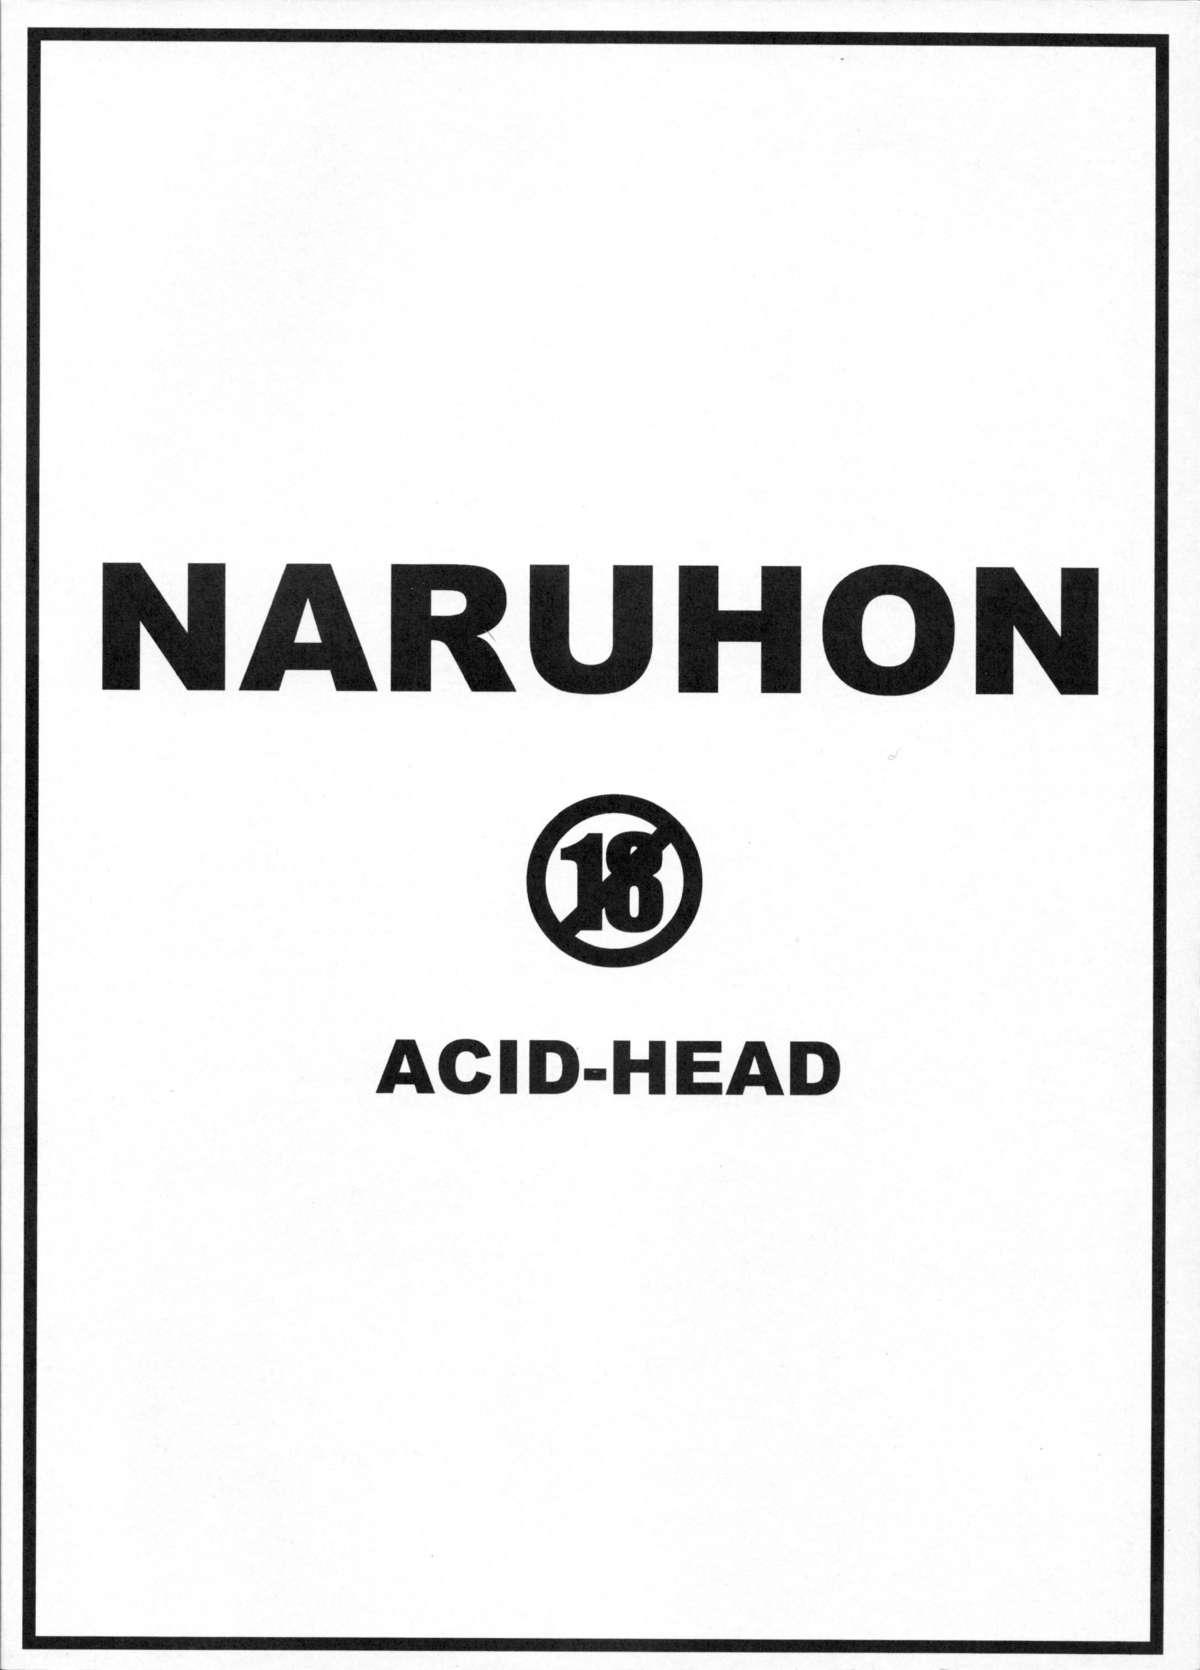 NARUHON 17